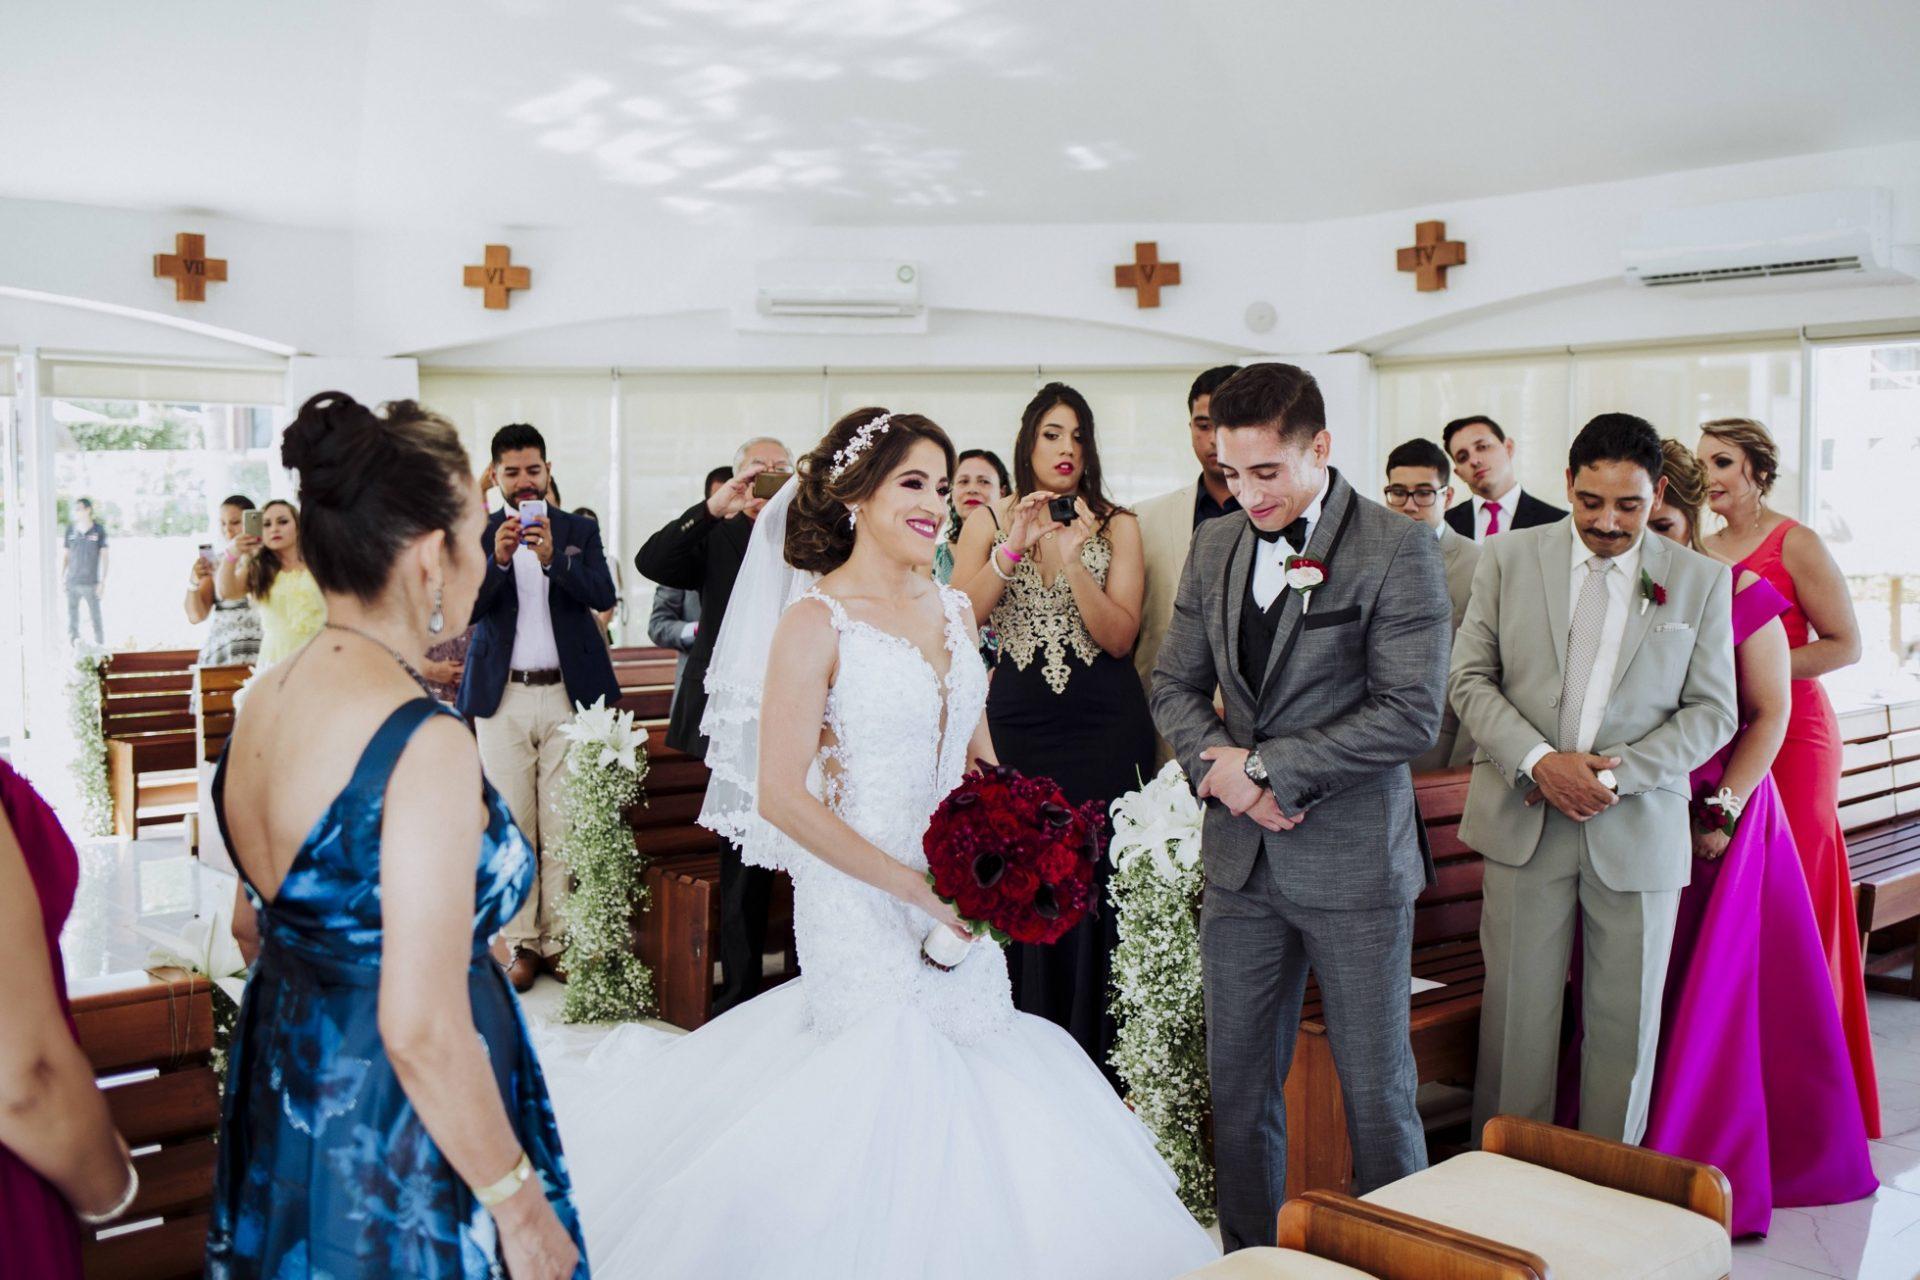 fotografo_bodas_profesional_zacatecas_riviera_maya_cancun-223